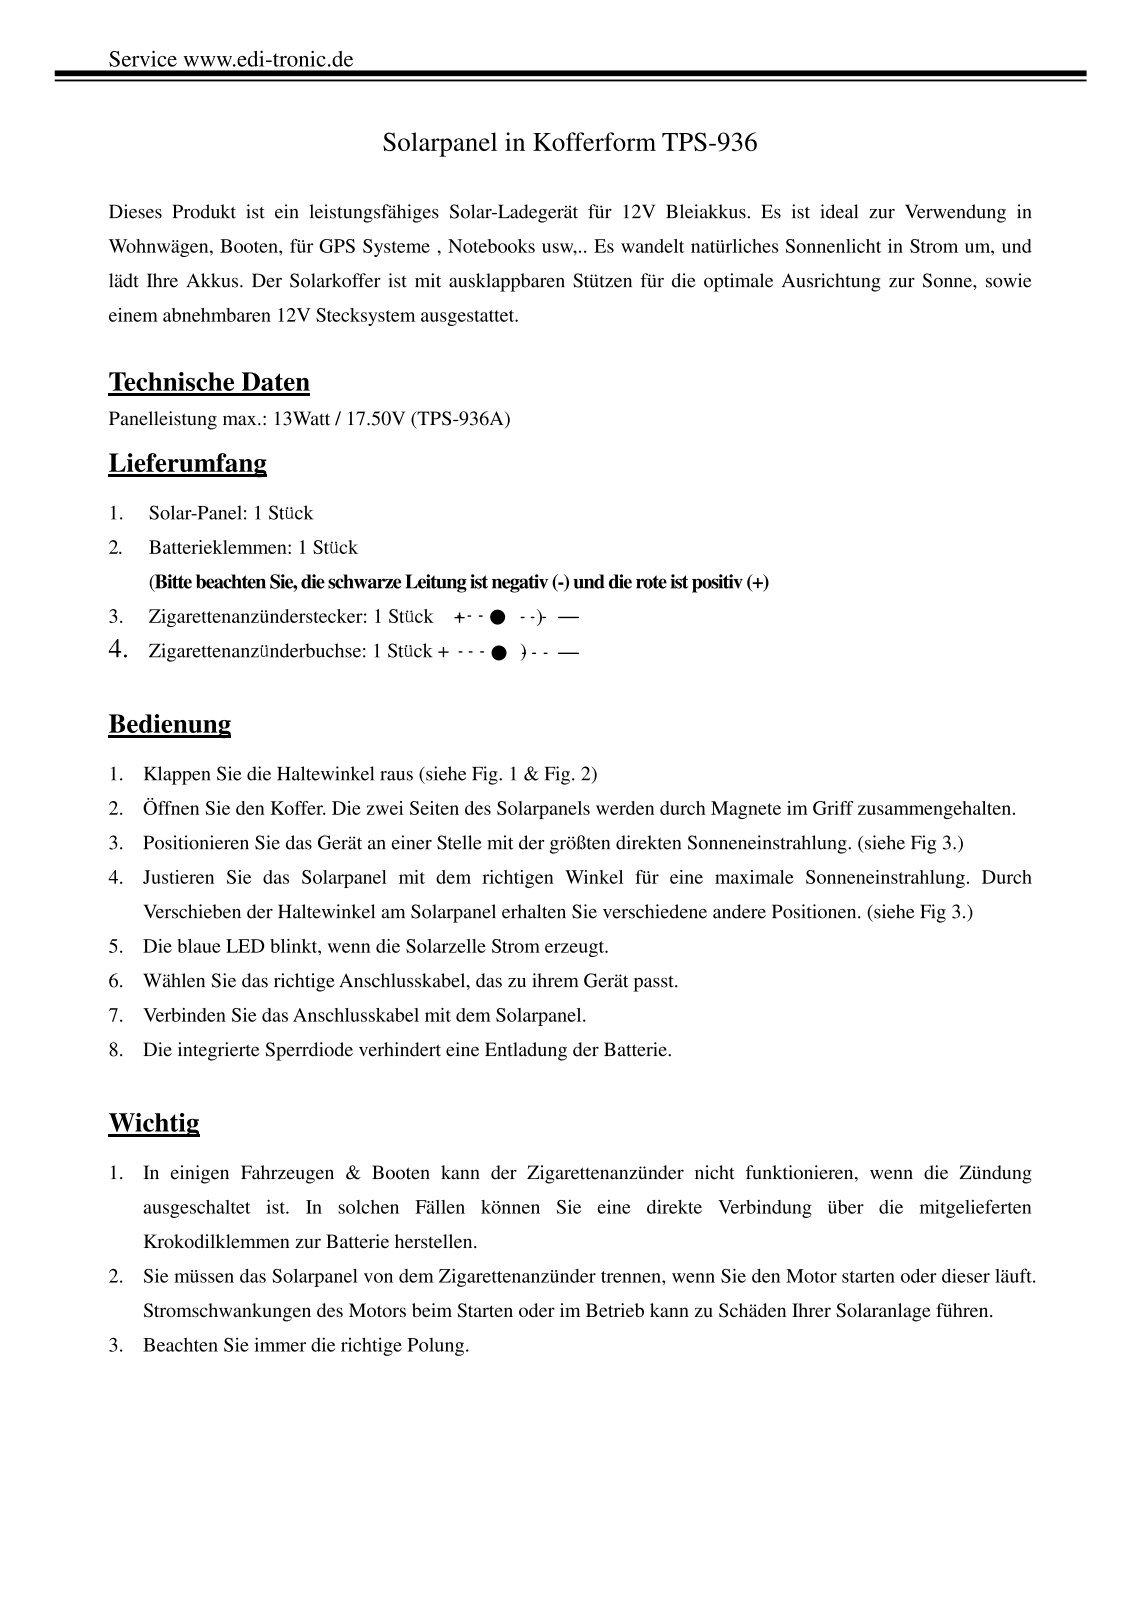 Beste Weil Mclain Technische Unterstützung Ideen - Der Schaltplan ...